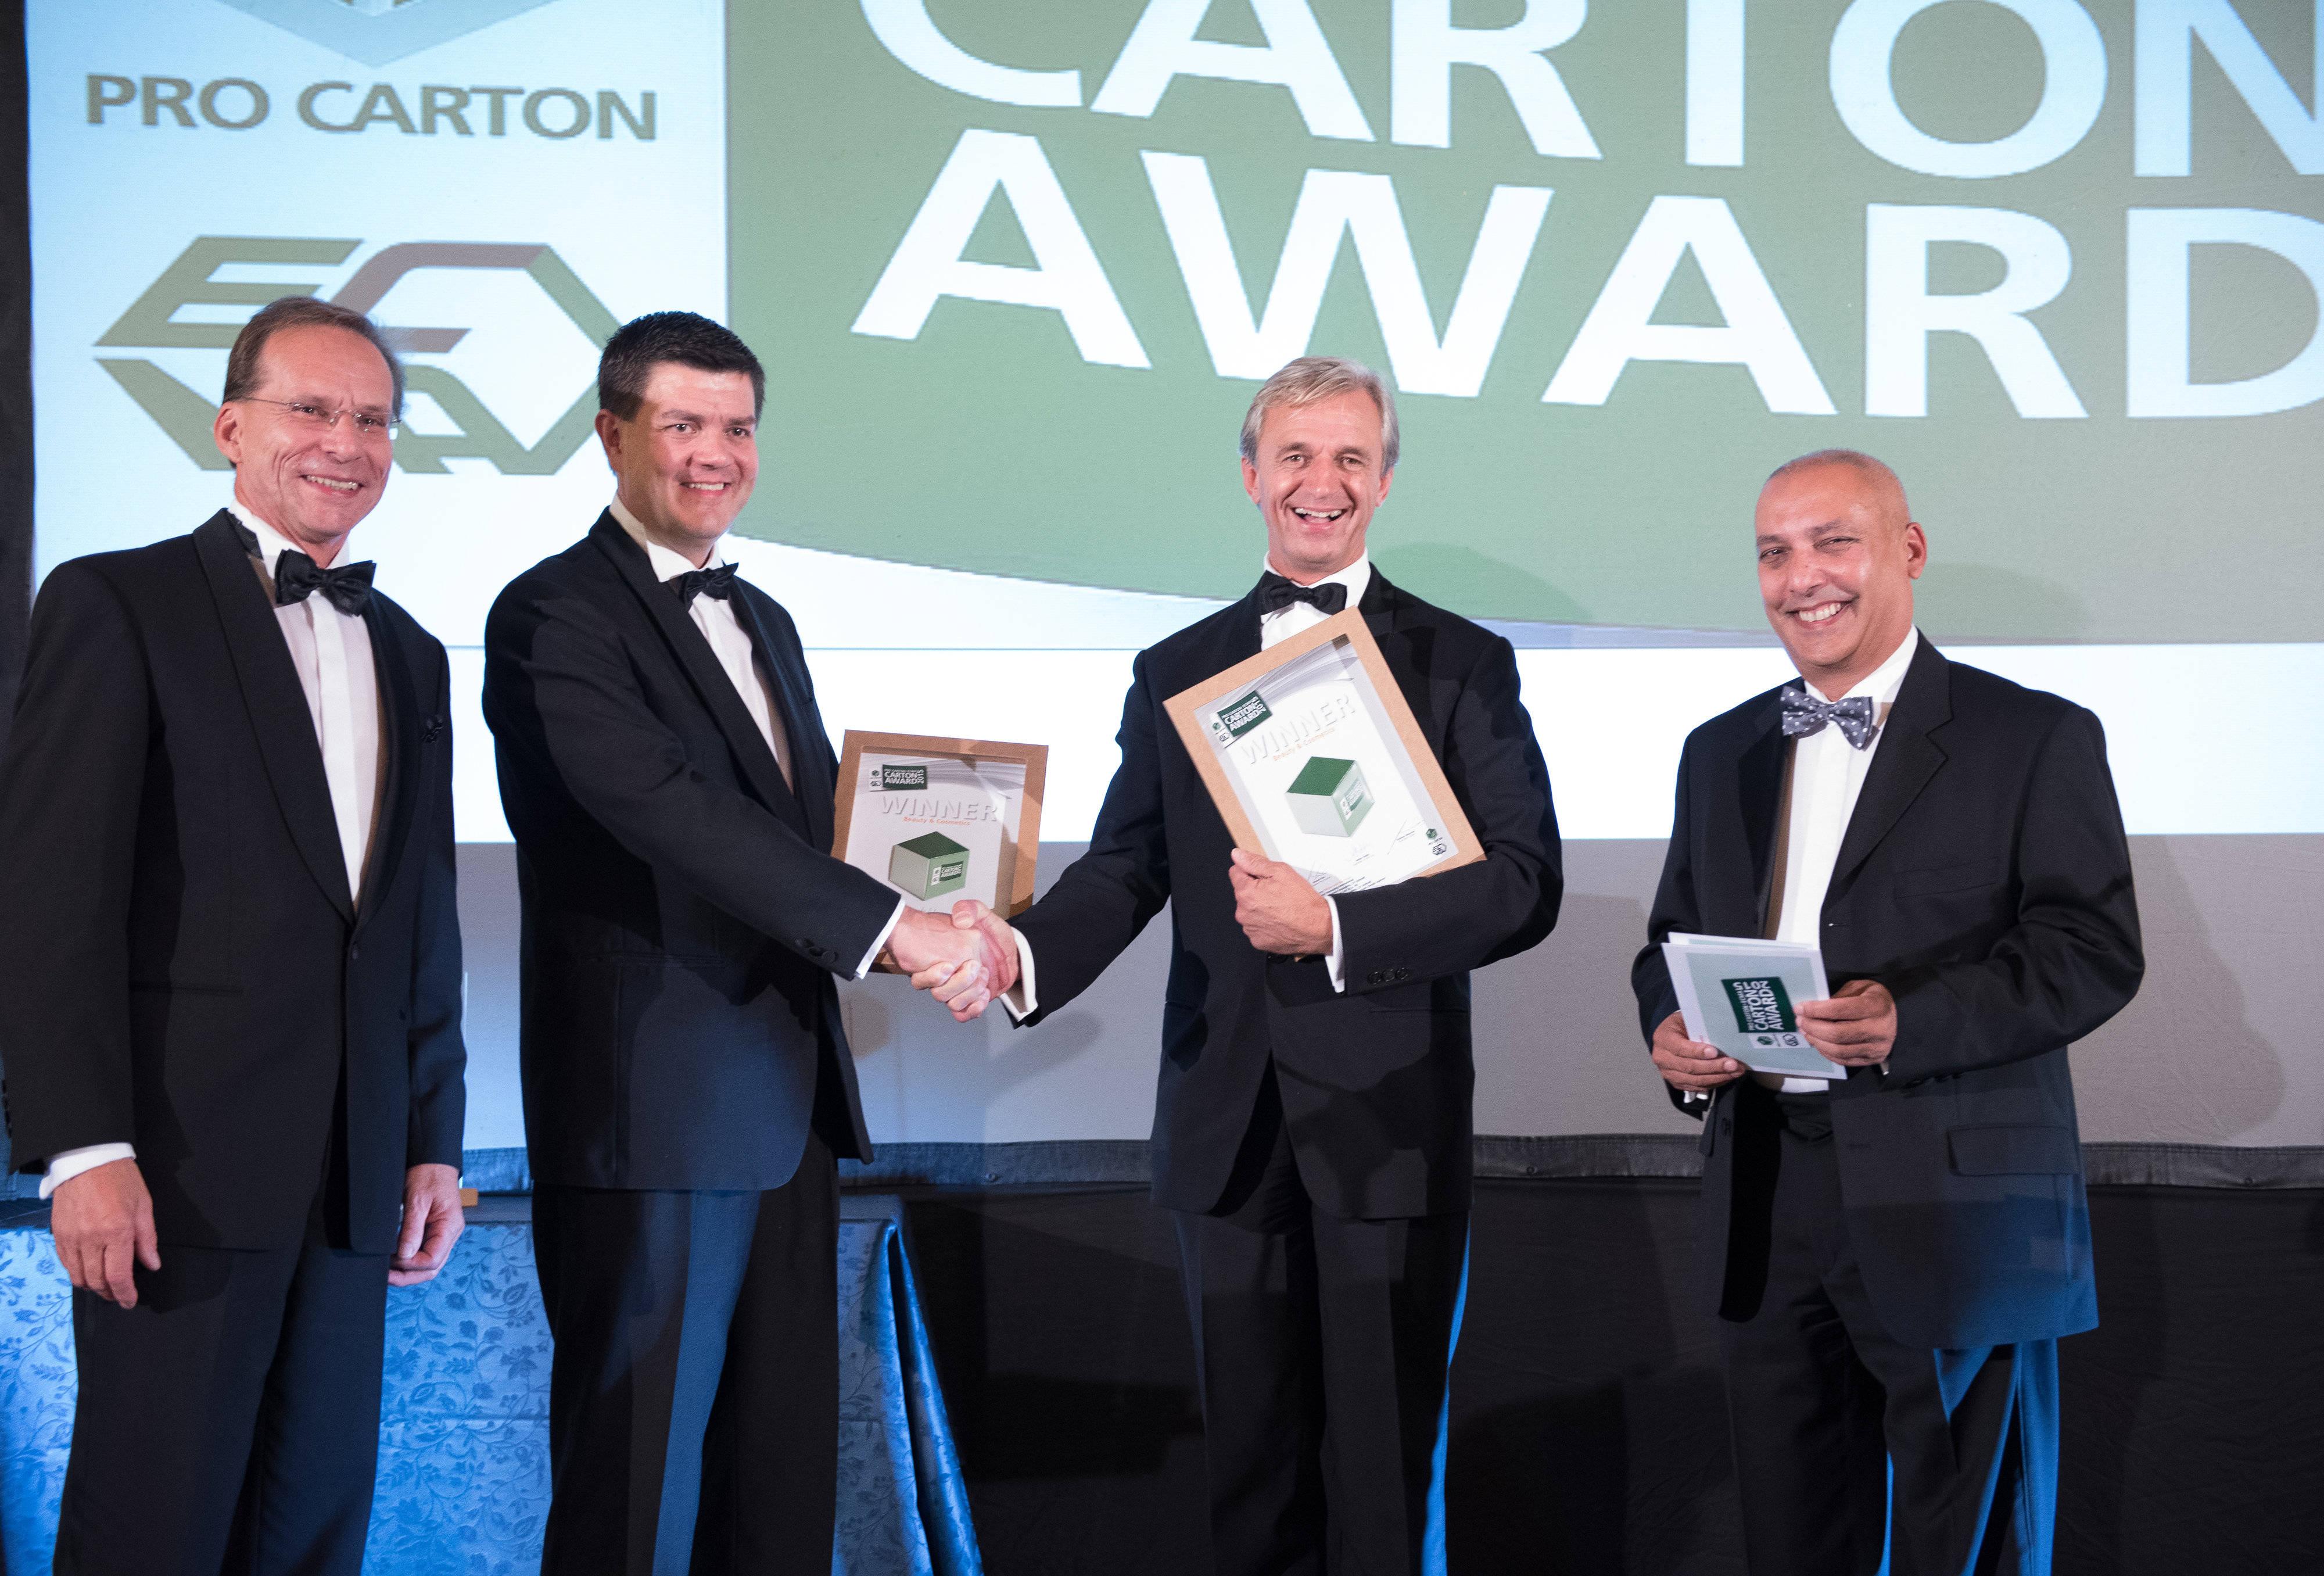 Pro Carton ECMA Award Gala 2015 32